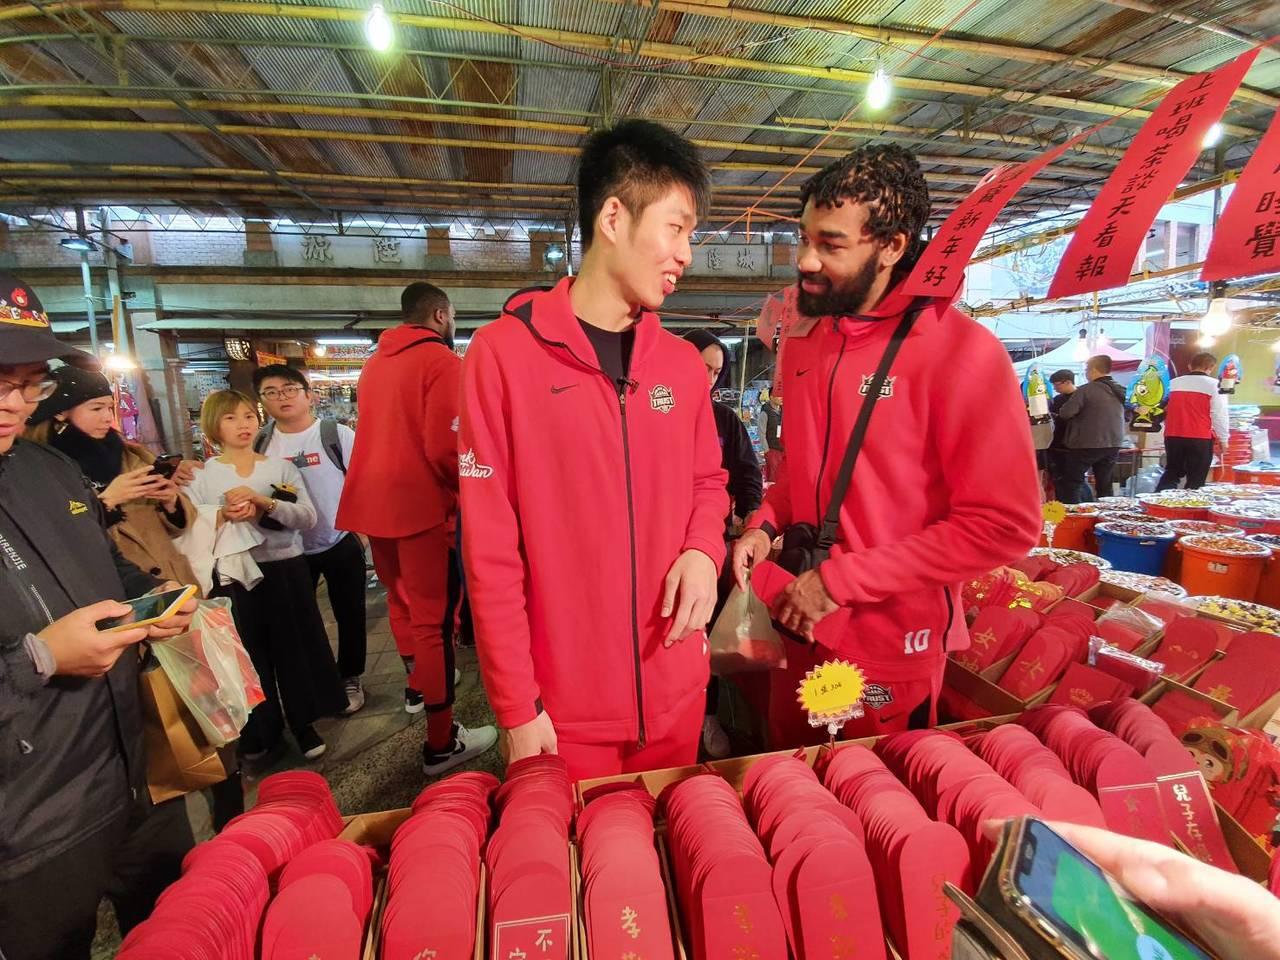 劉人豪(左)、瓊斯(右)年貨大街挑選紅包袋。記者林宋以情/攝影